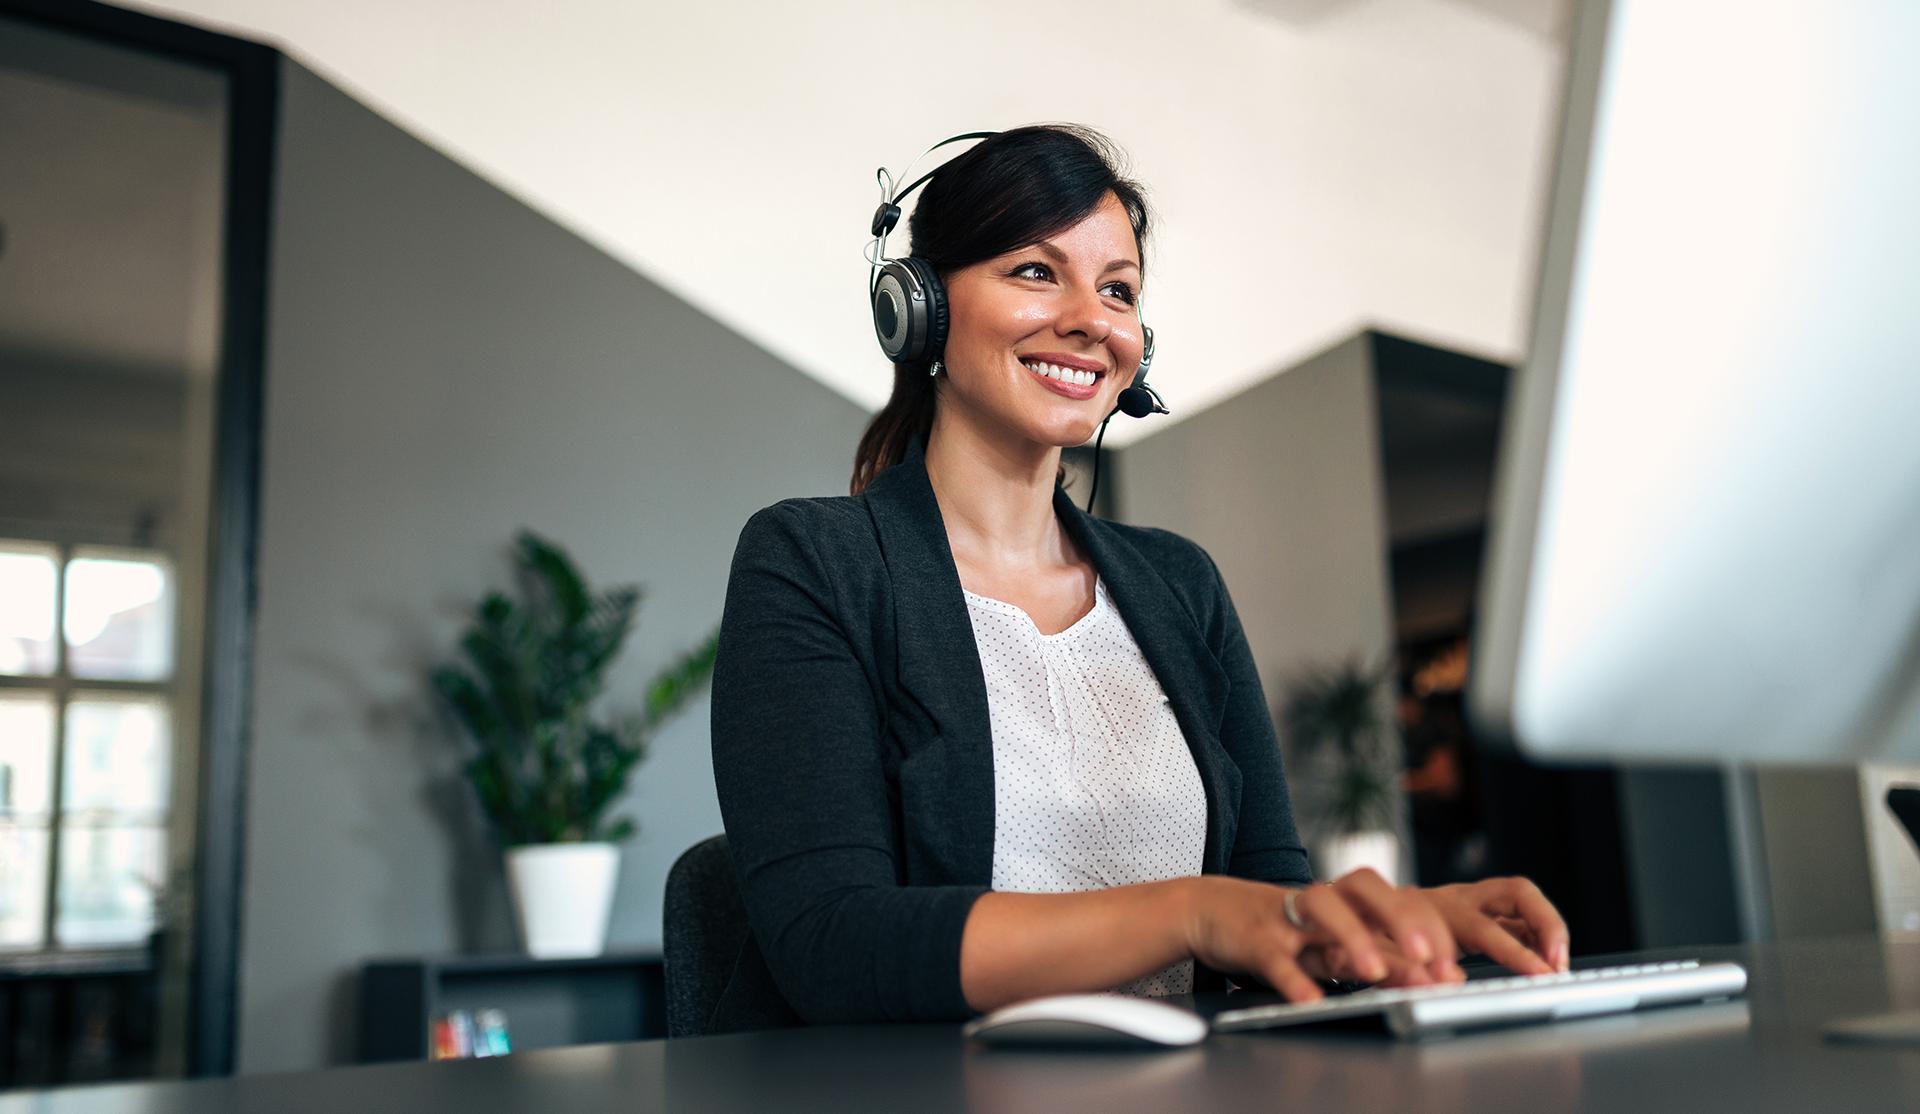 mujer recepcionista administrativa trabajando con ordenador